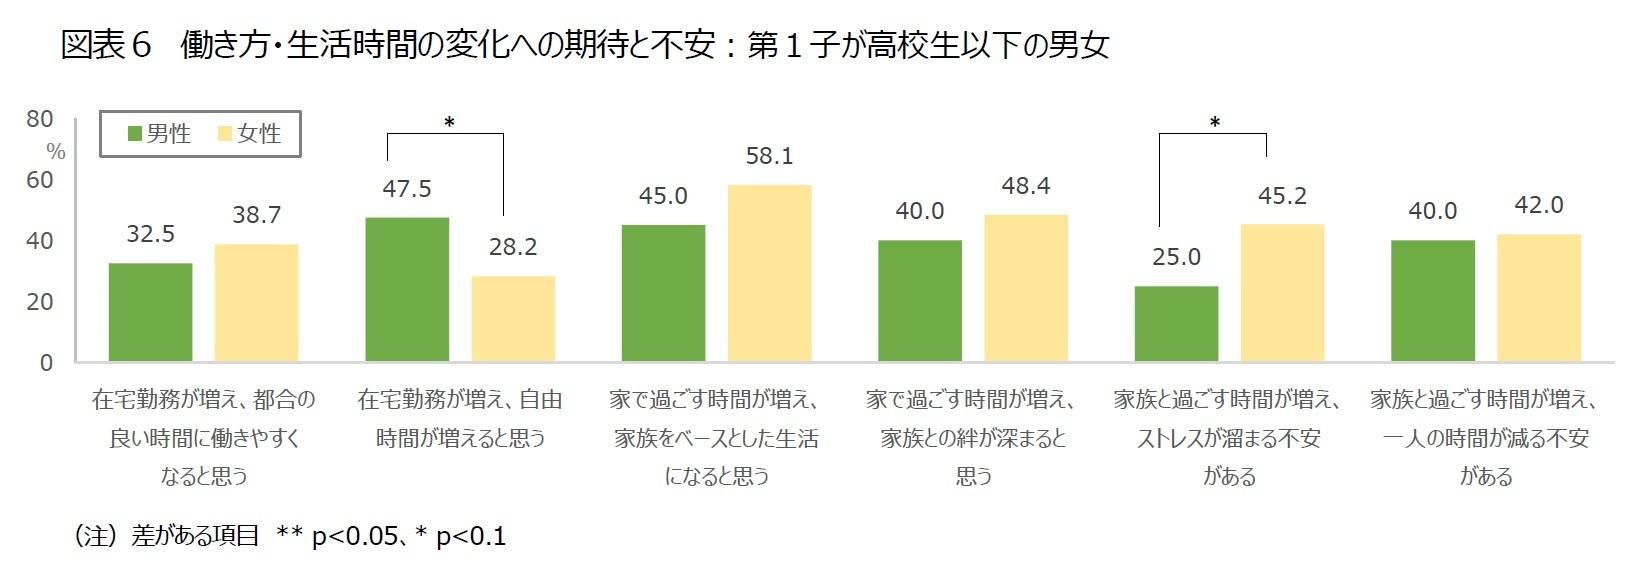 図表6 働き方・生活時間の変化への期待と不安:第1子が高校生以下の男女